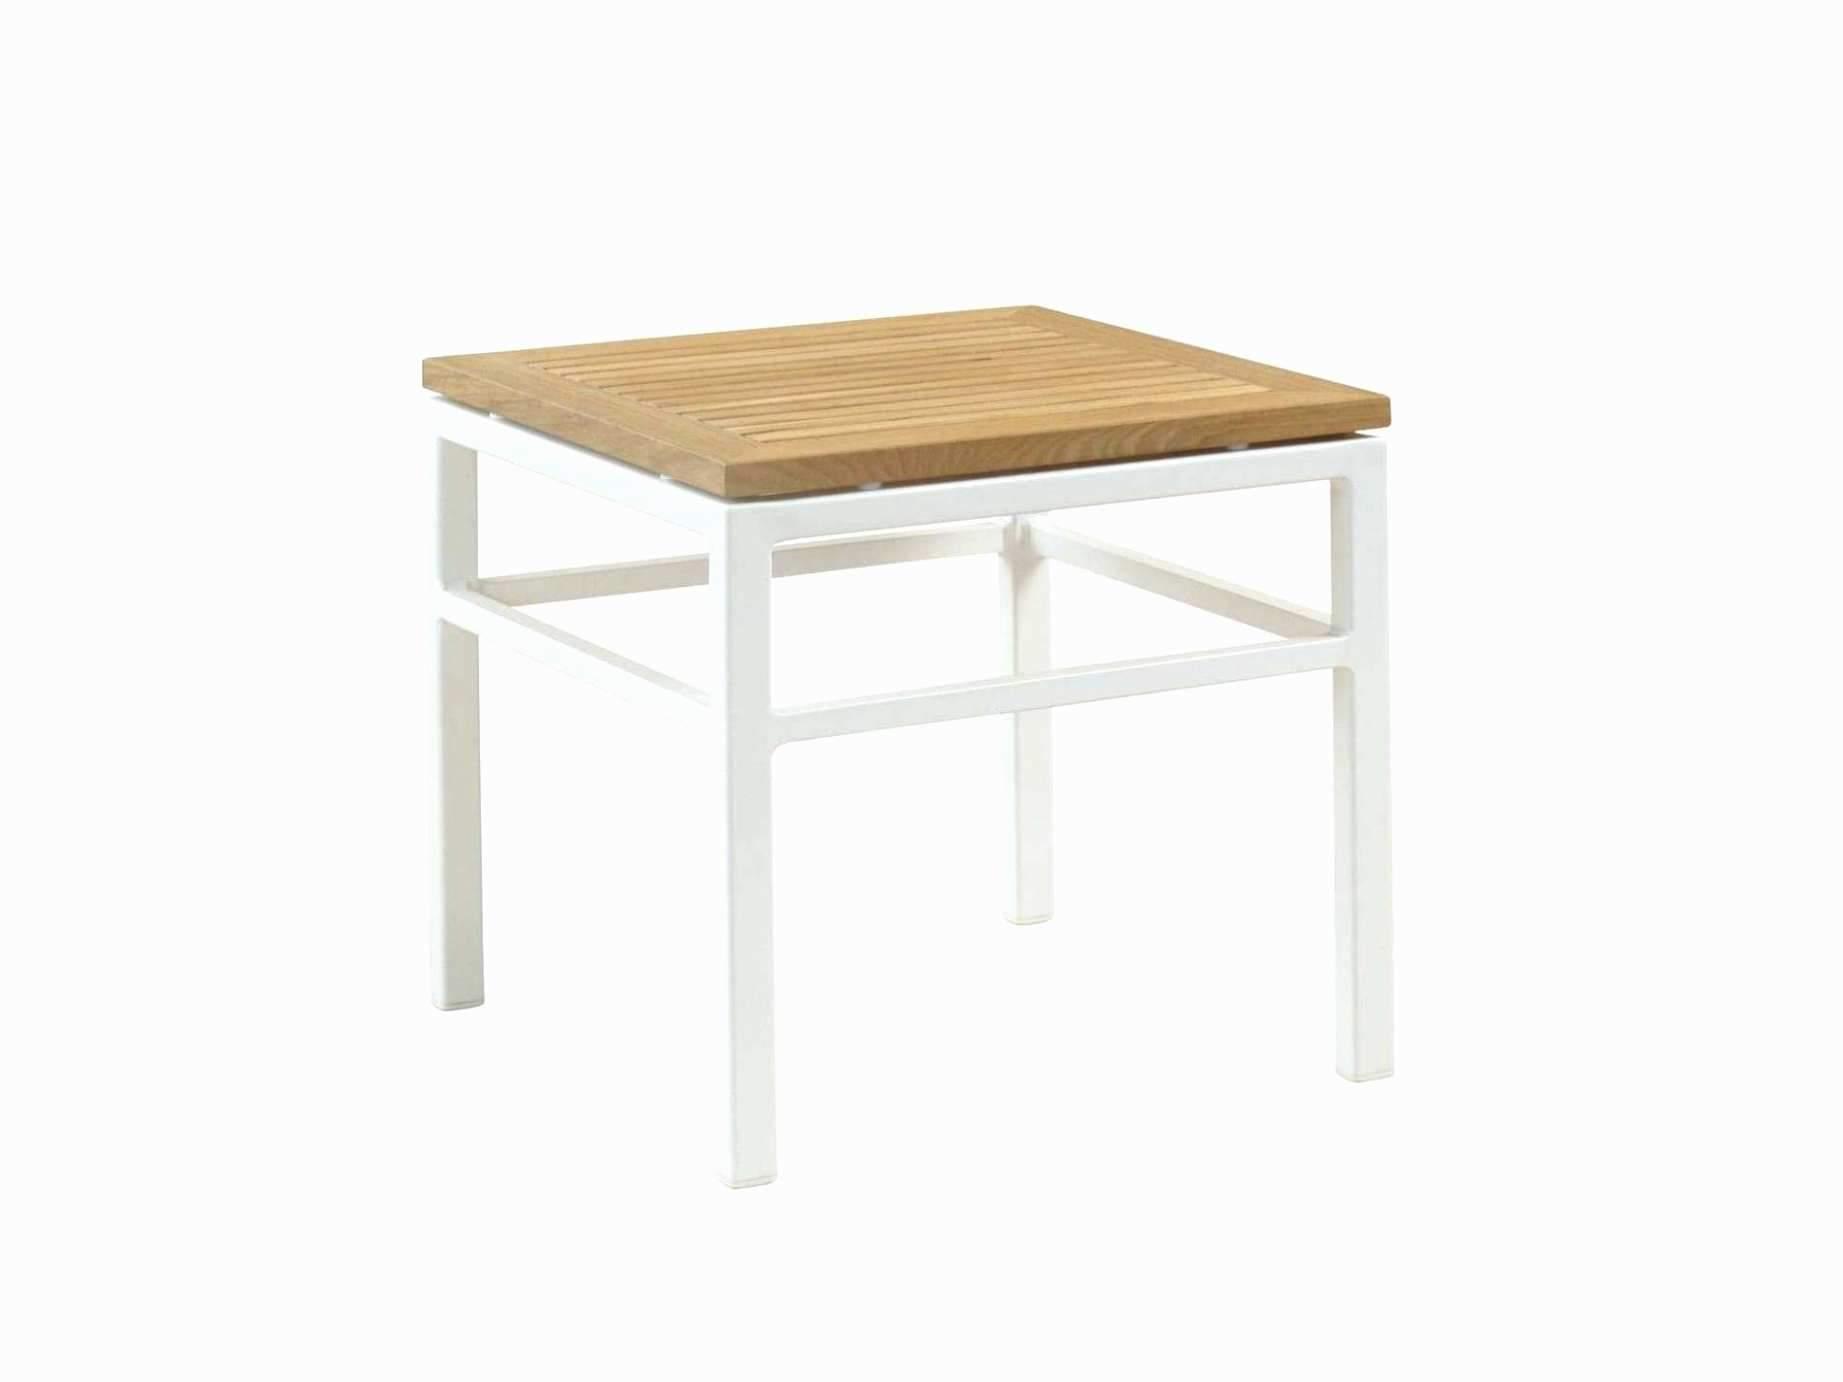 Full Size of Ikea Wohnzimmer Tisch Einzigartig Auf Rollen 24 Küche Kaufen Miniküche Kosten Betten 160x200 Bei Modulküche Sofa Mit Schlaffunktion Wohnzimmer Gartentisch Ikea